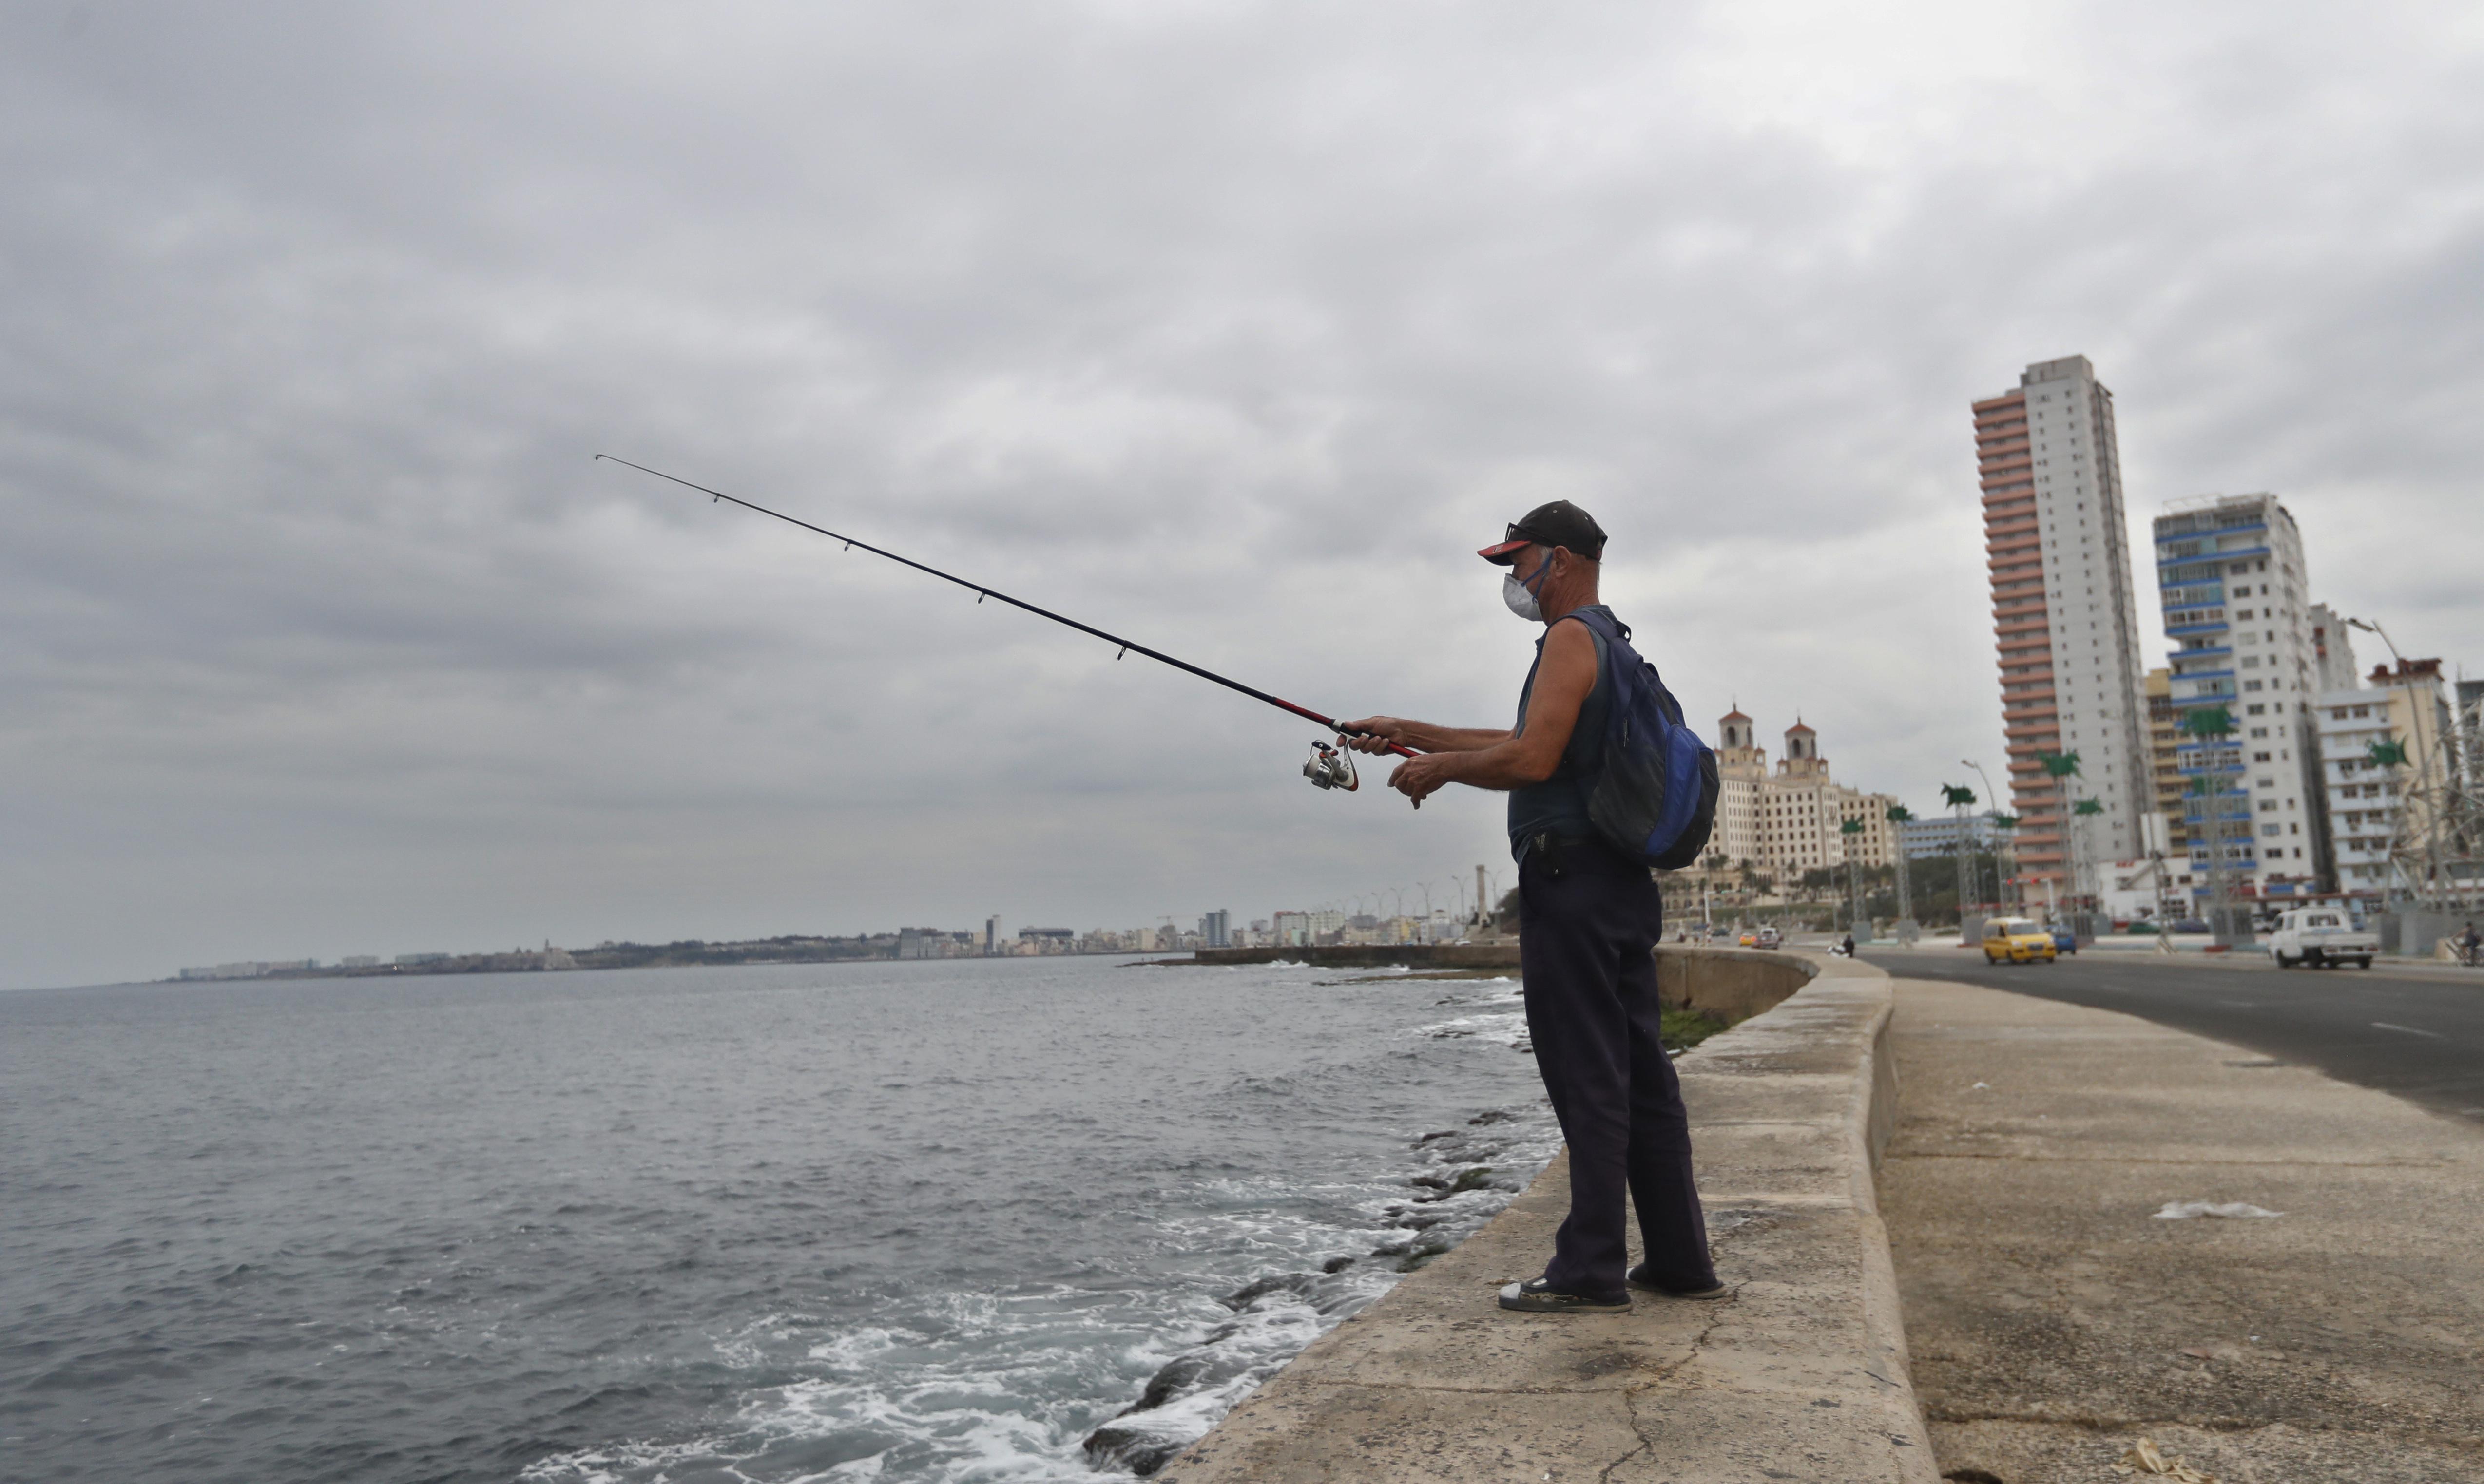 Nagyot nyit Kuba a kisvállalkozások felé